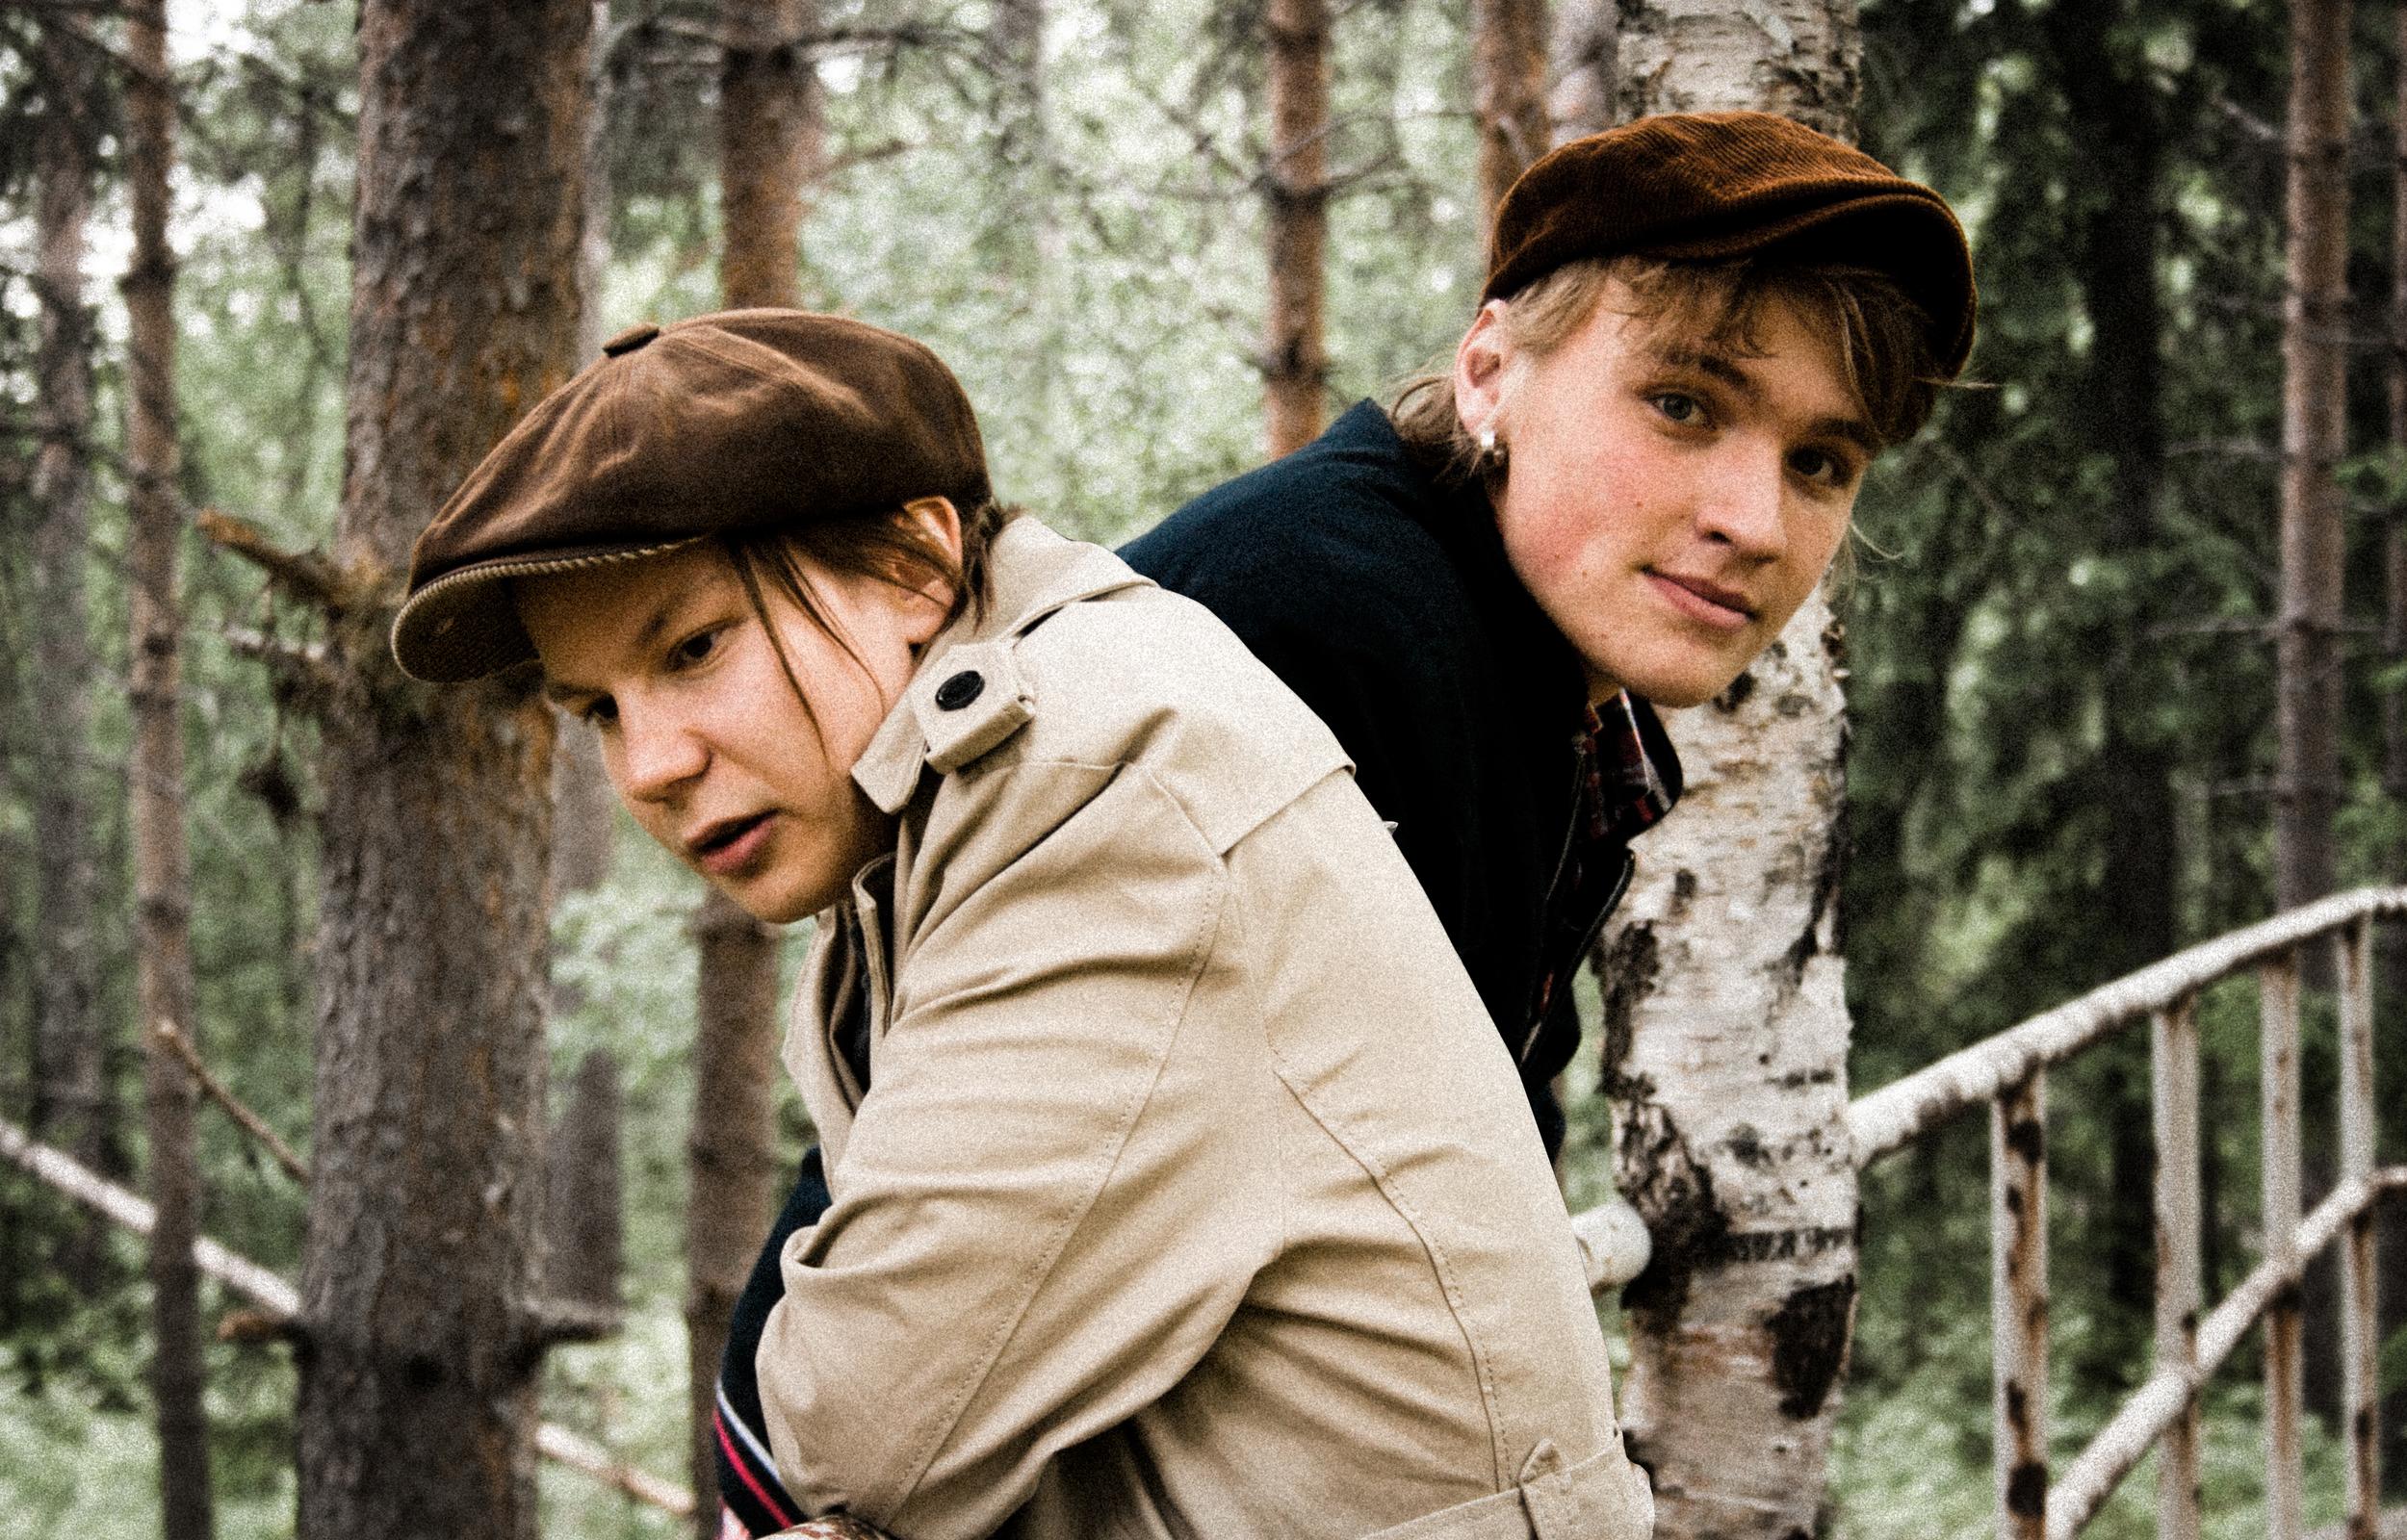 Photo: Eetu Niininen